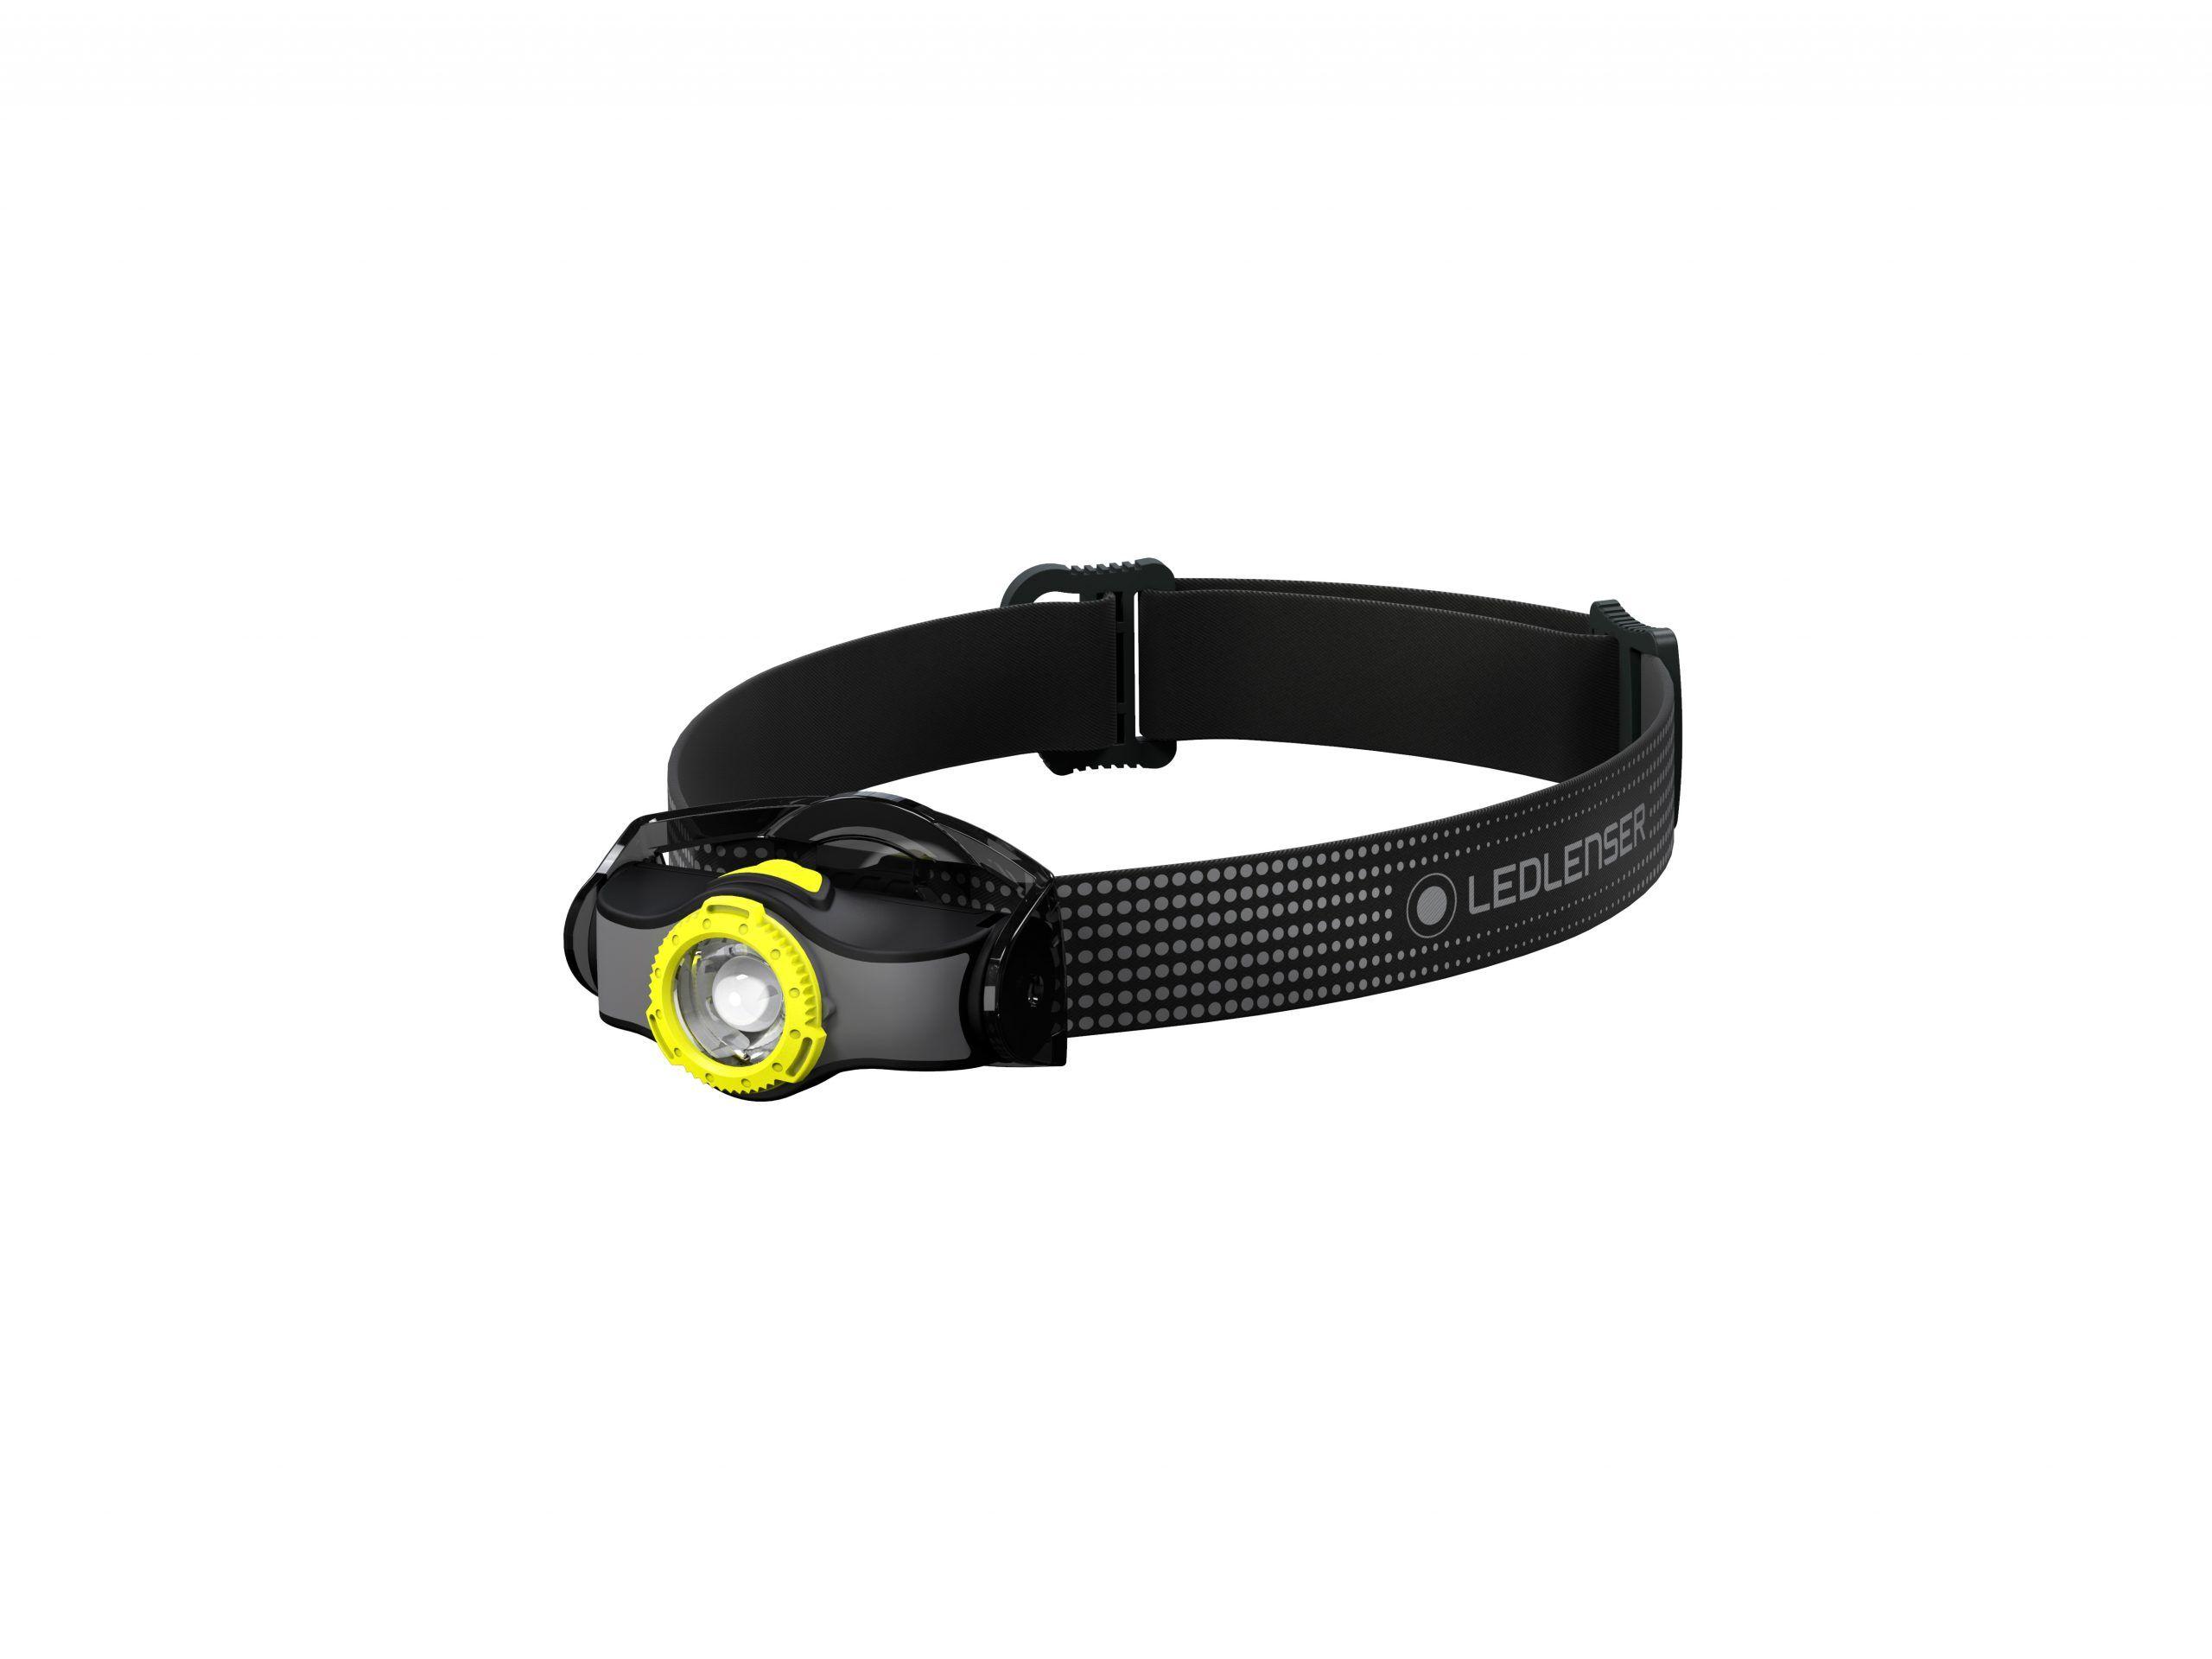 Ledlenser MH3 Black/Yellow-0